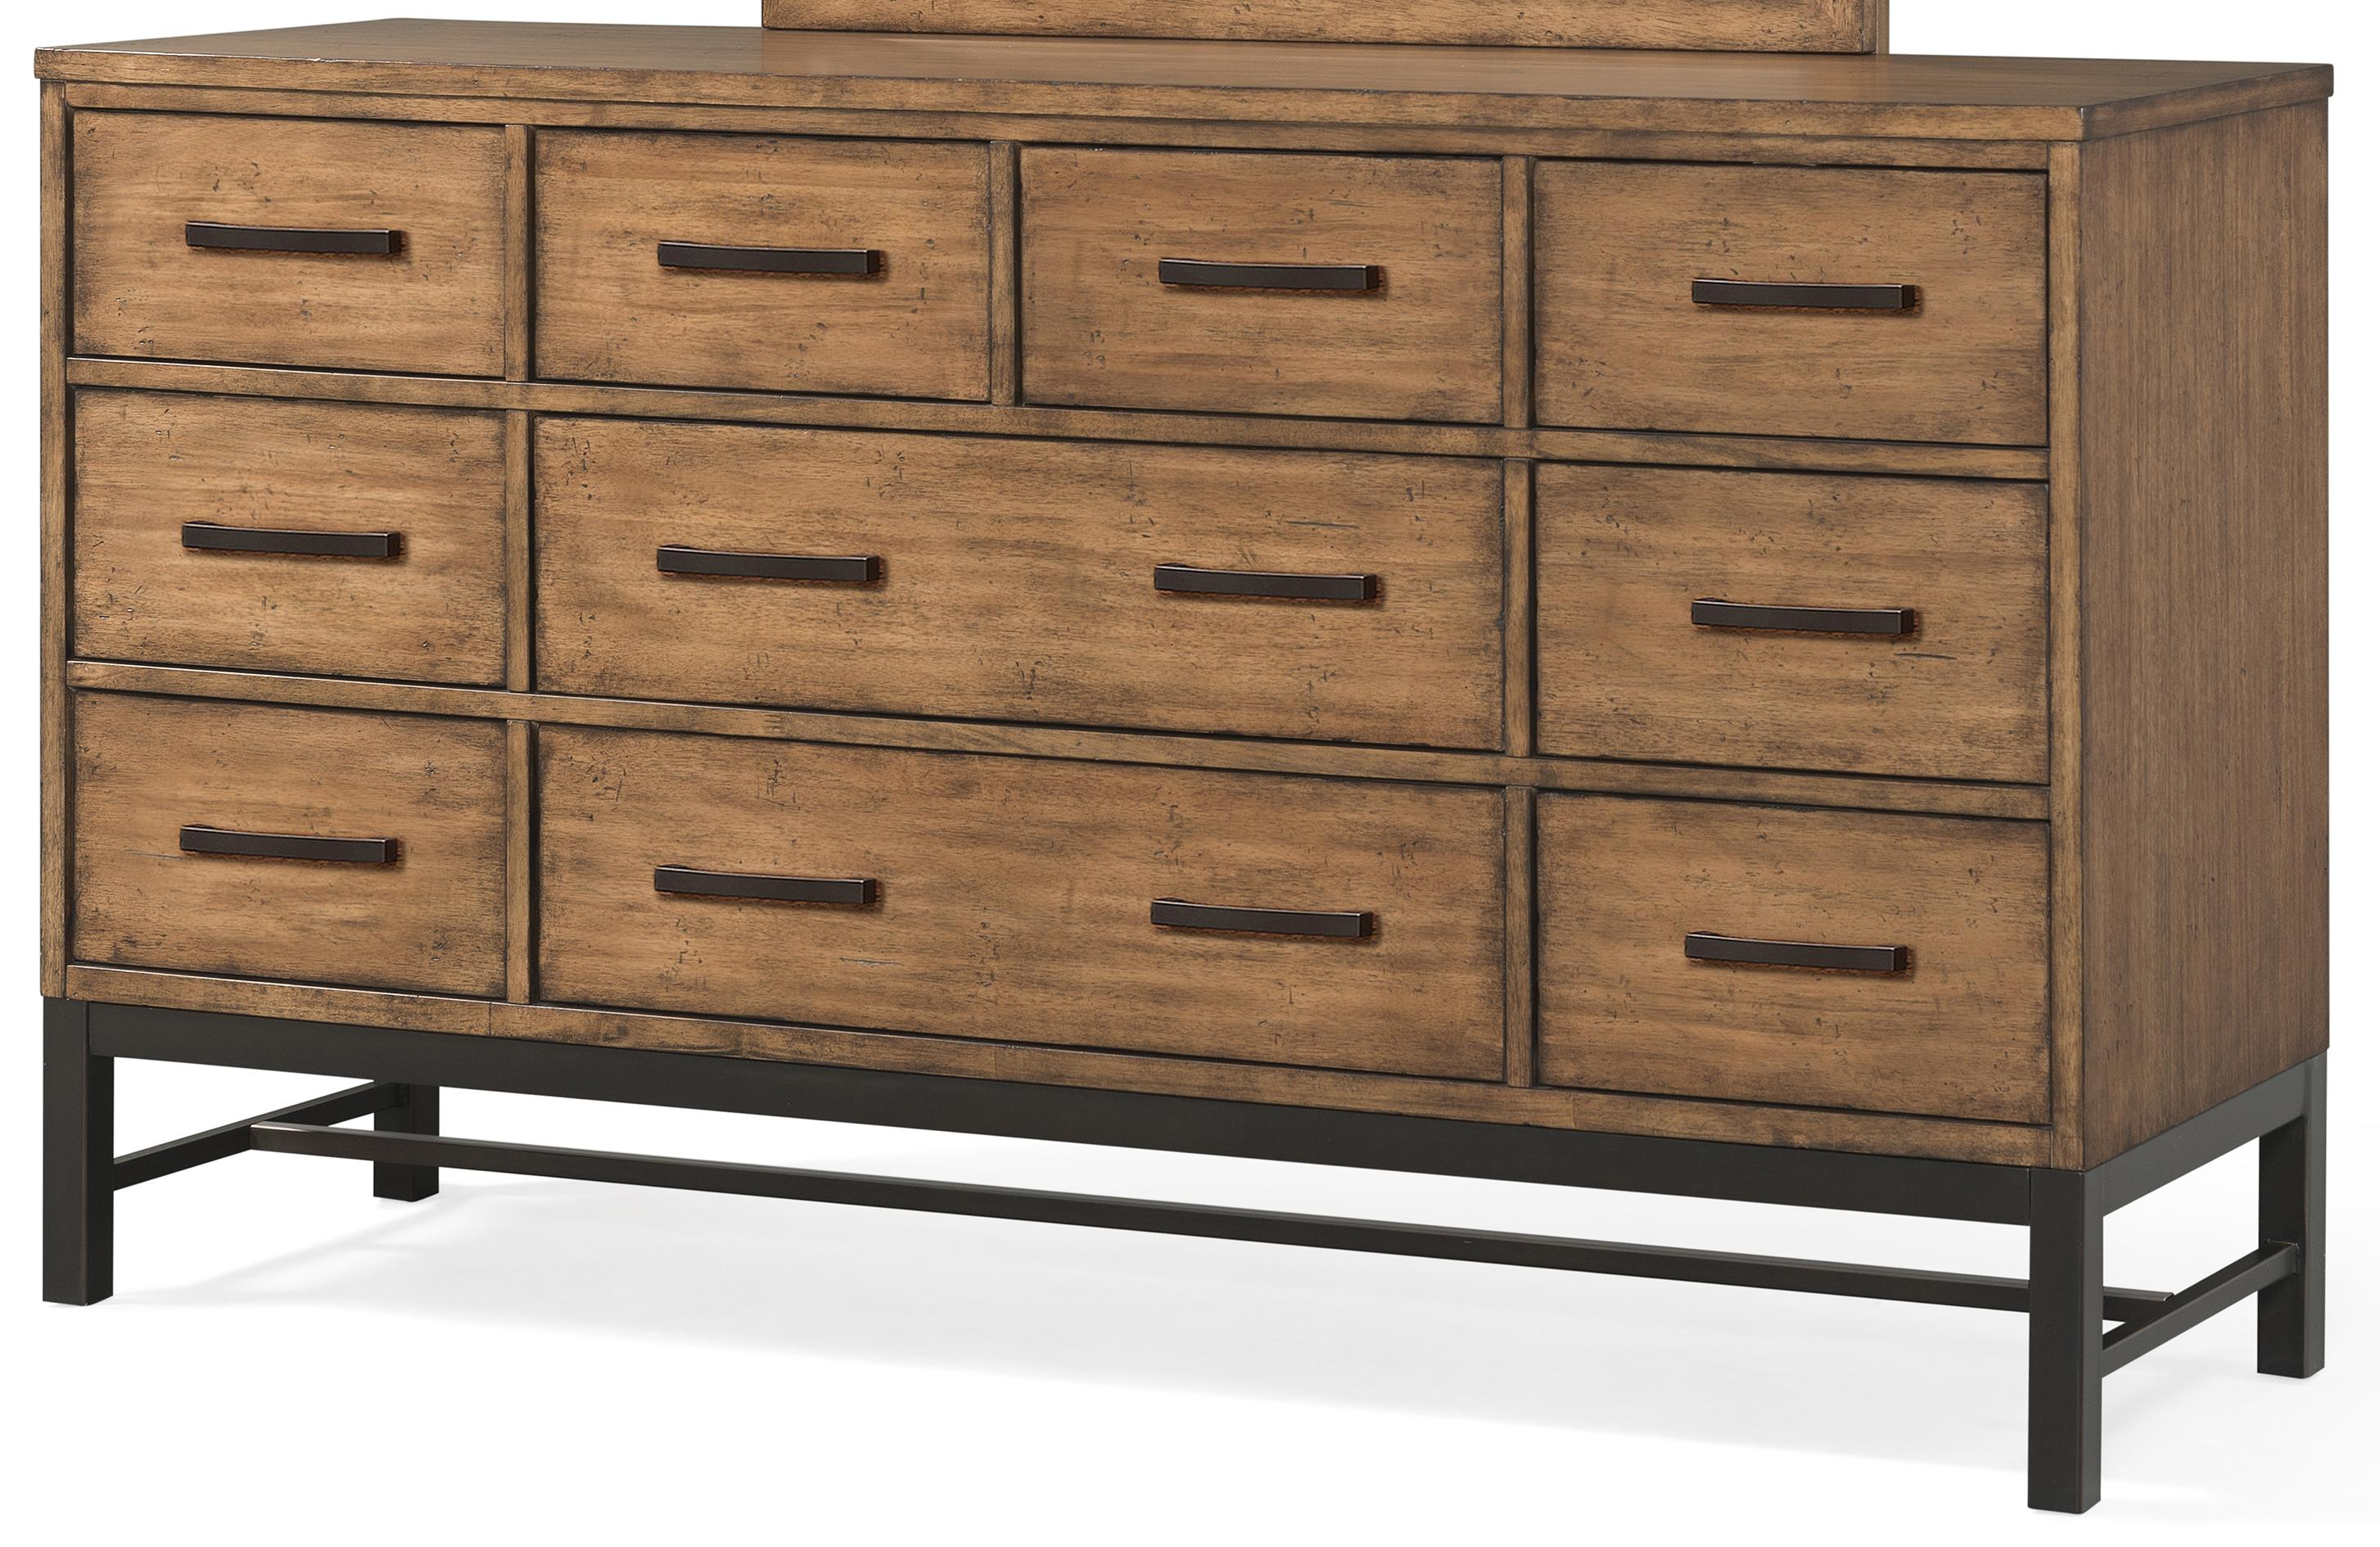 Klaussner International Affinity 10 Drawer Dresser - Item Number: 710-650